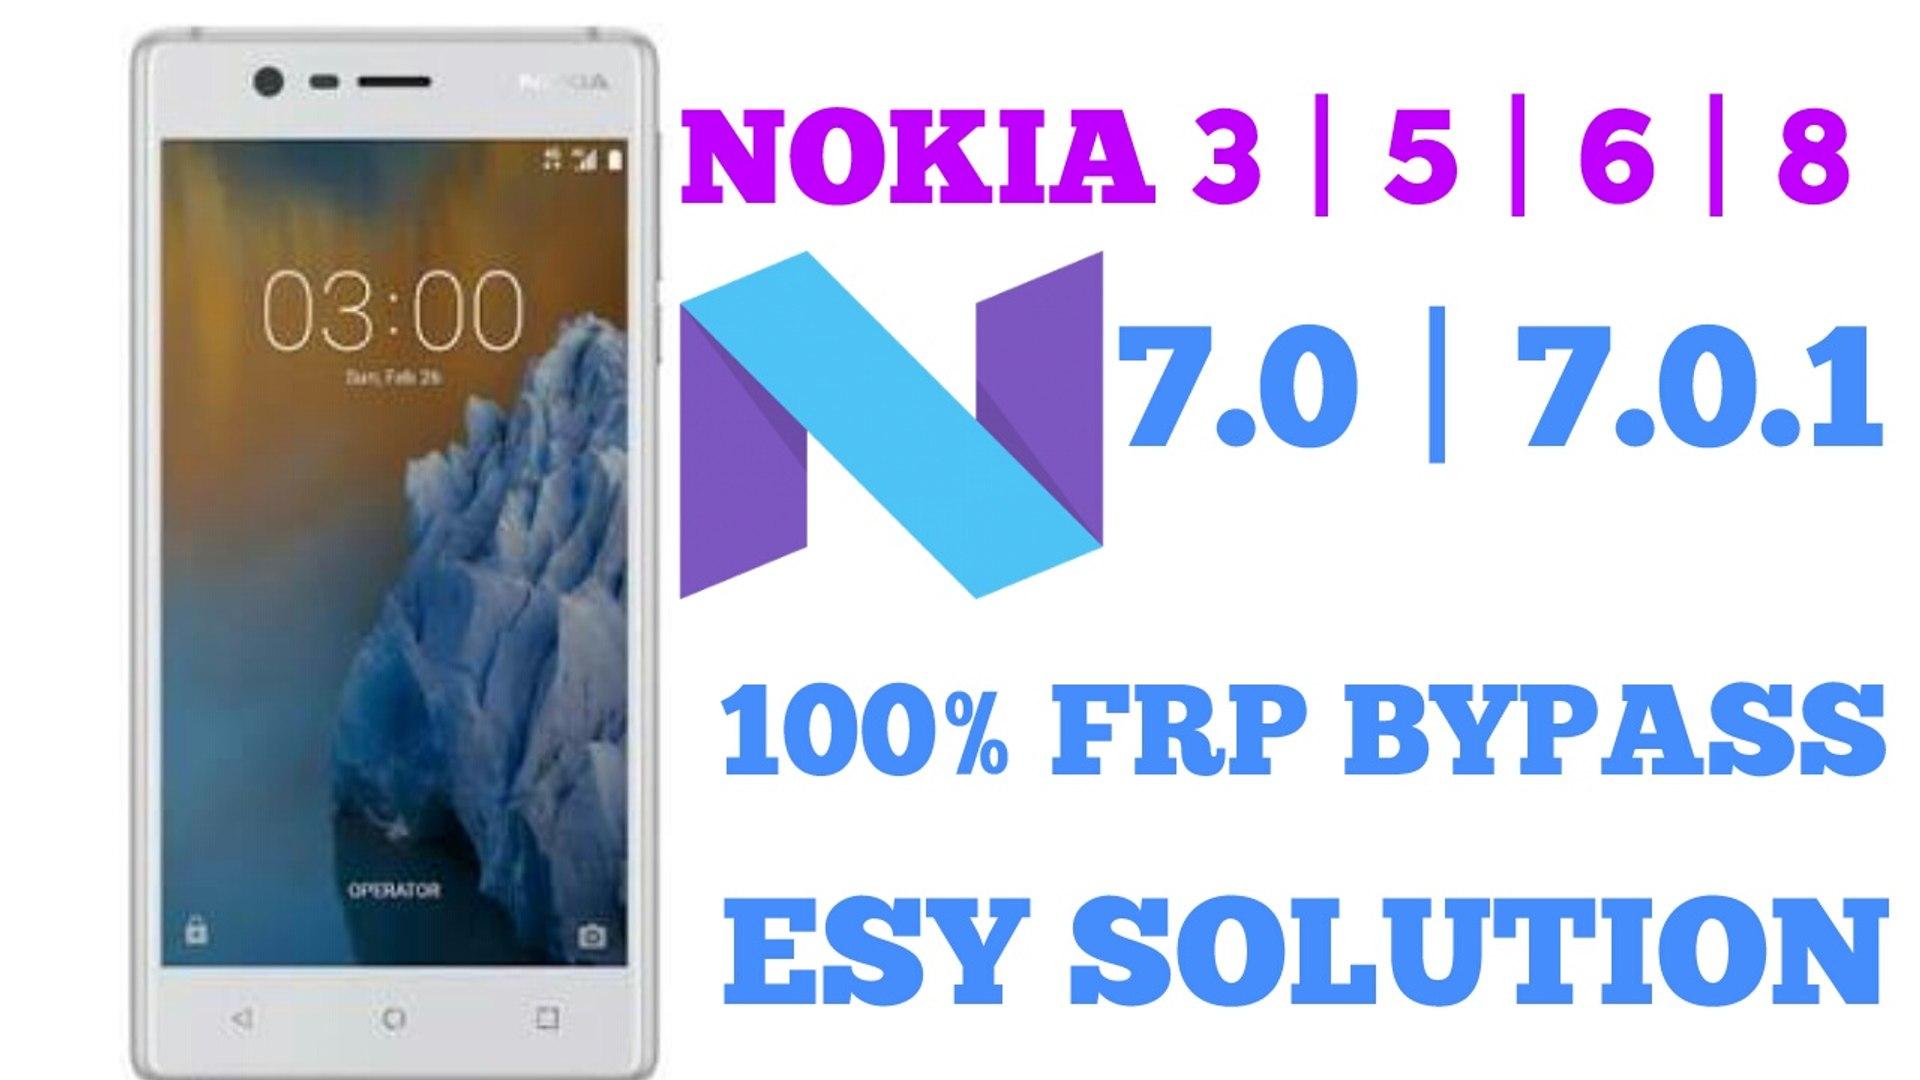 ALL NOKIA FRP 7 0 1 BYPASS 100%    ALL NOUGAT FRP BYPASS100%